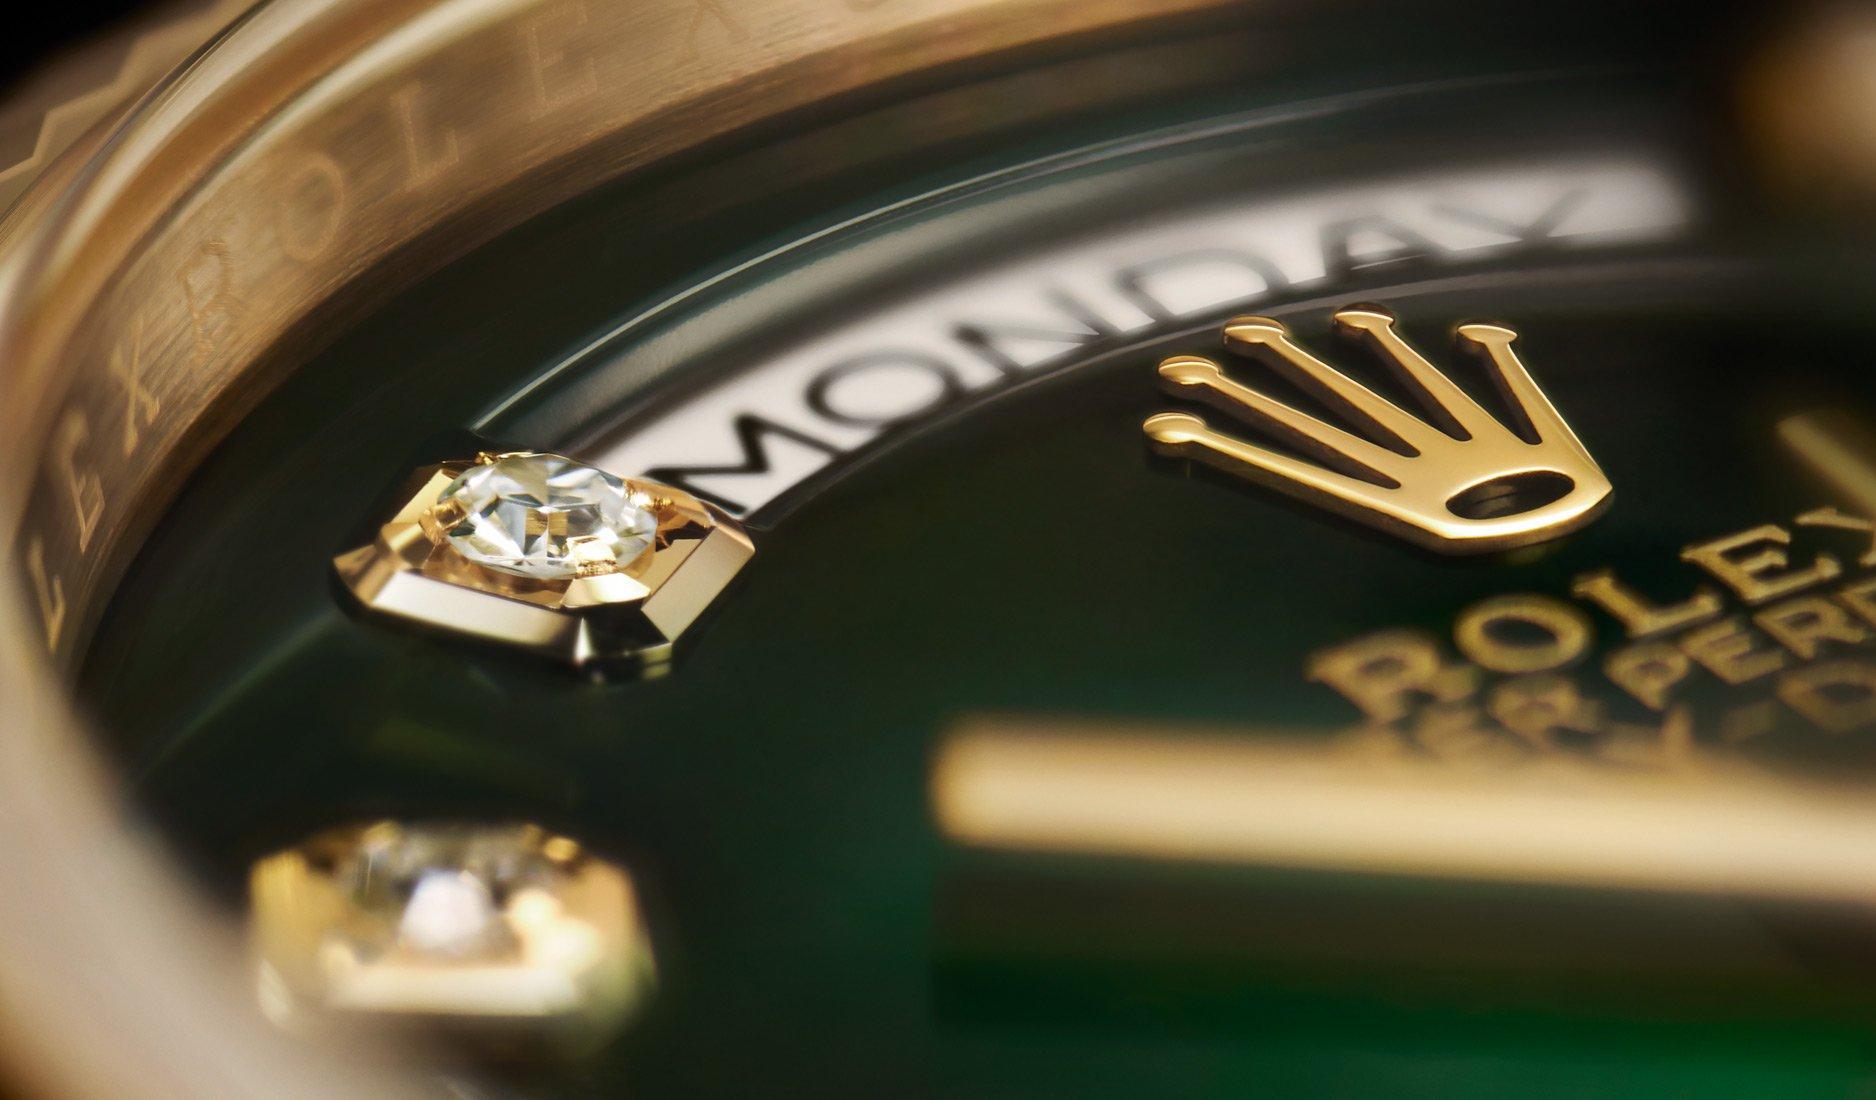 Nghệ thuật tạo nên những mẫu đồng hồ lấp lánh của Rolex